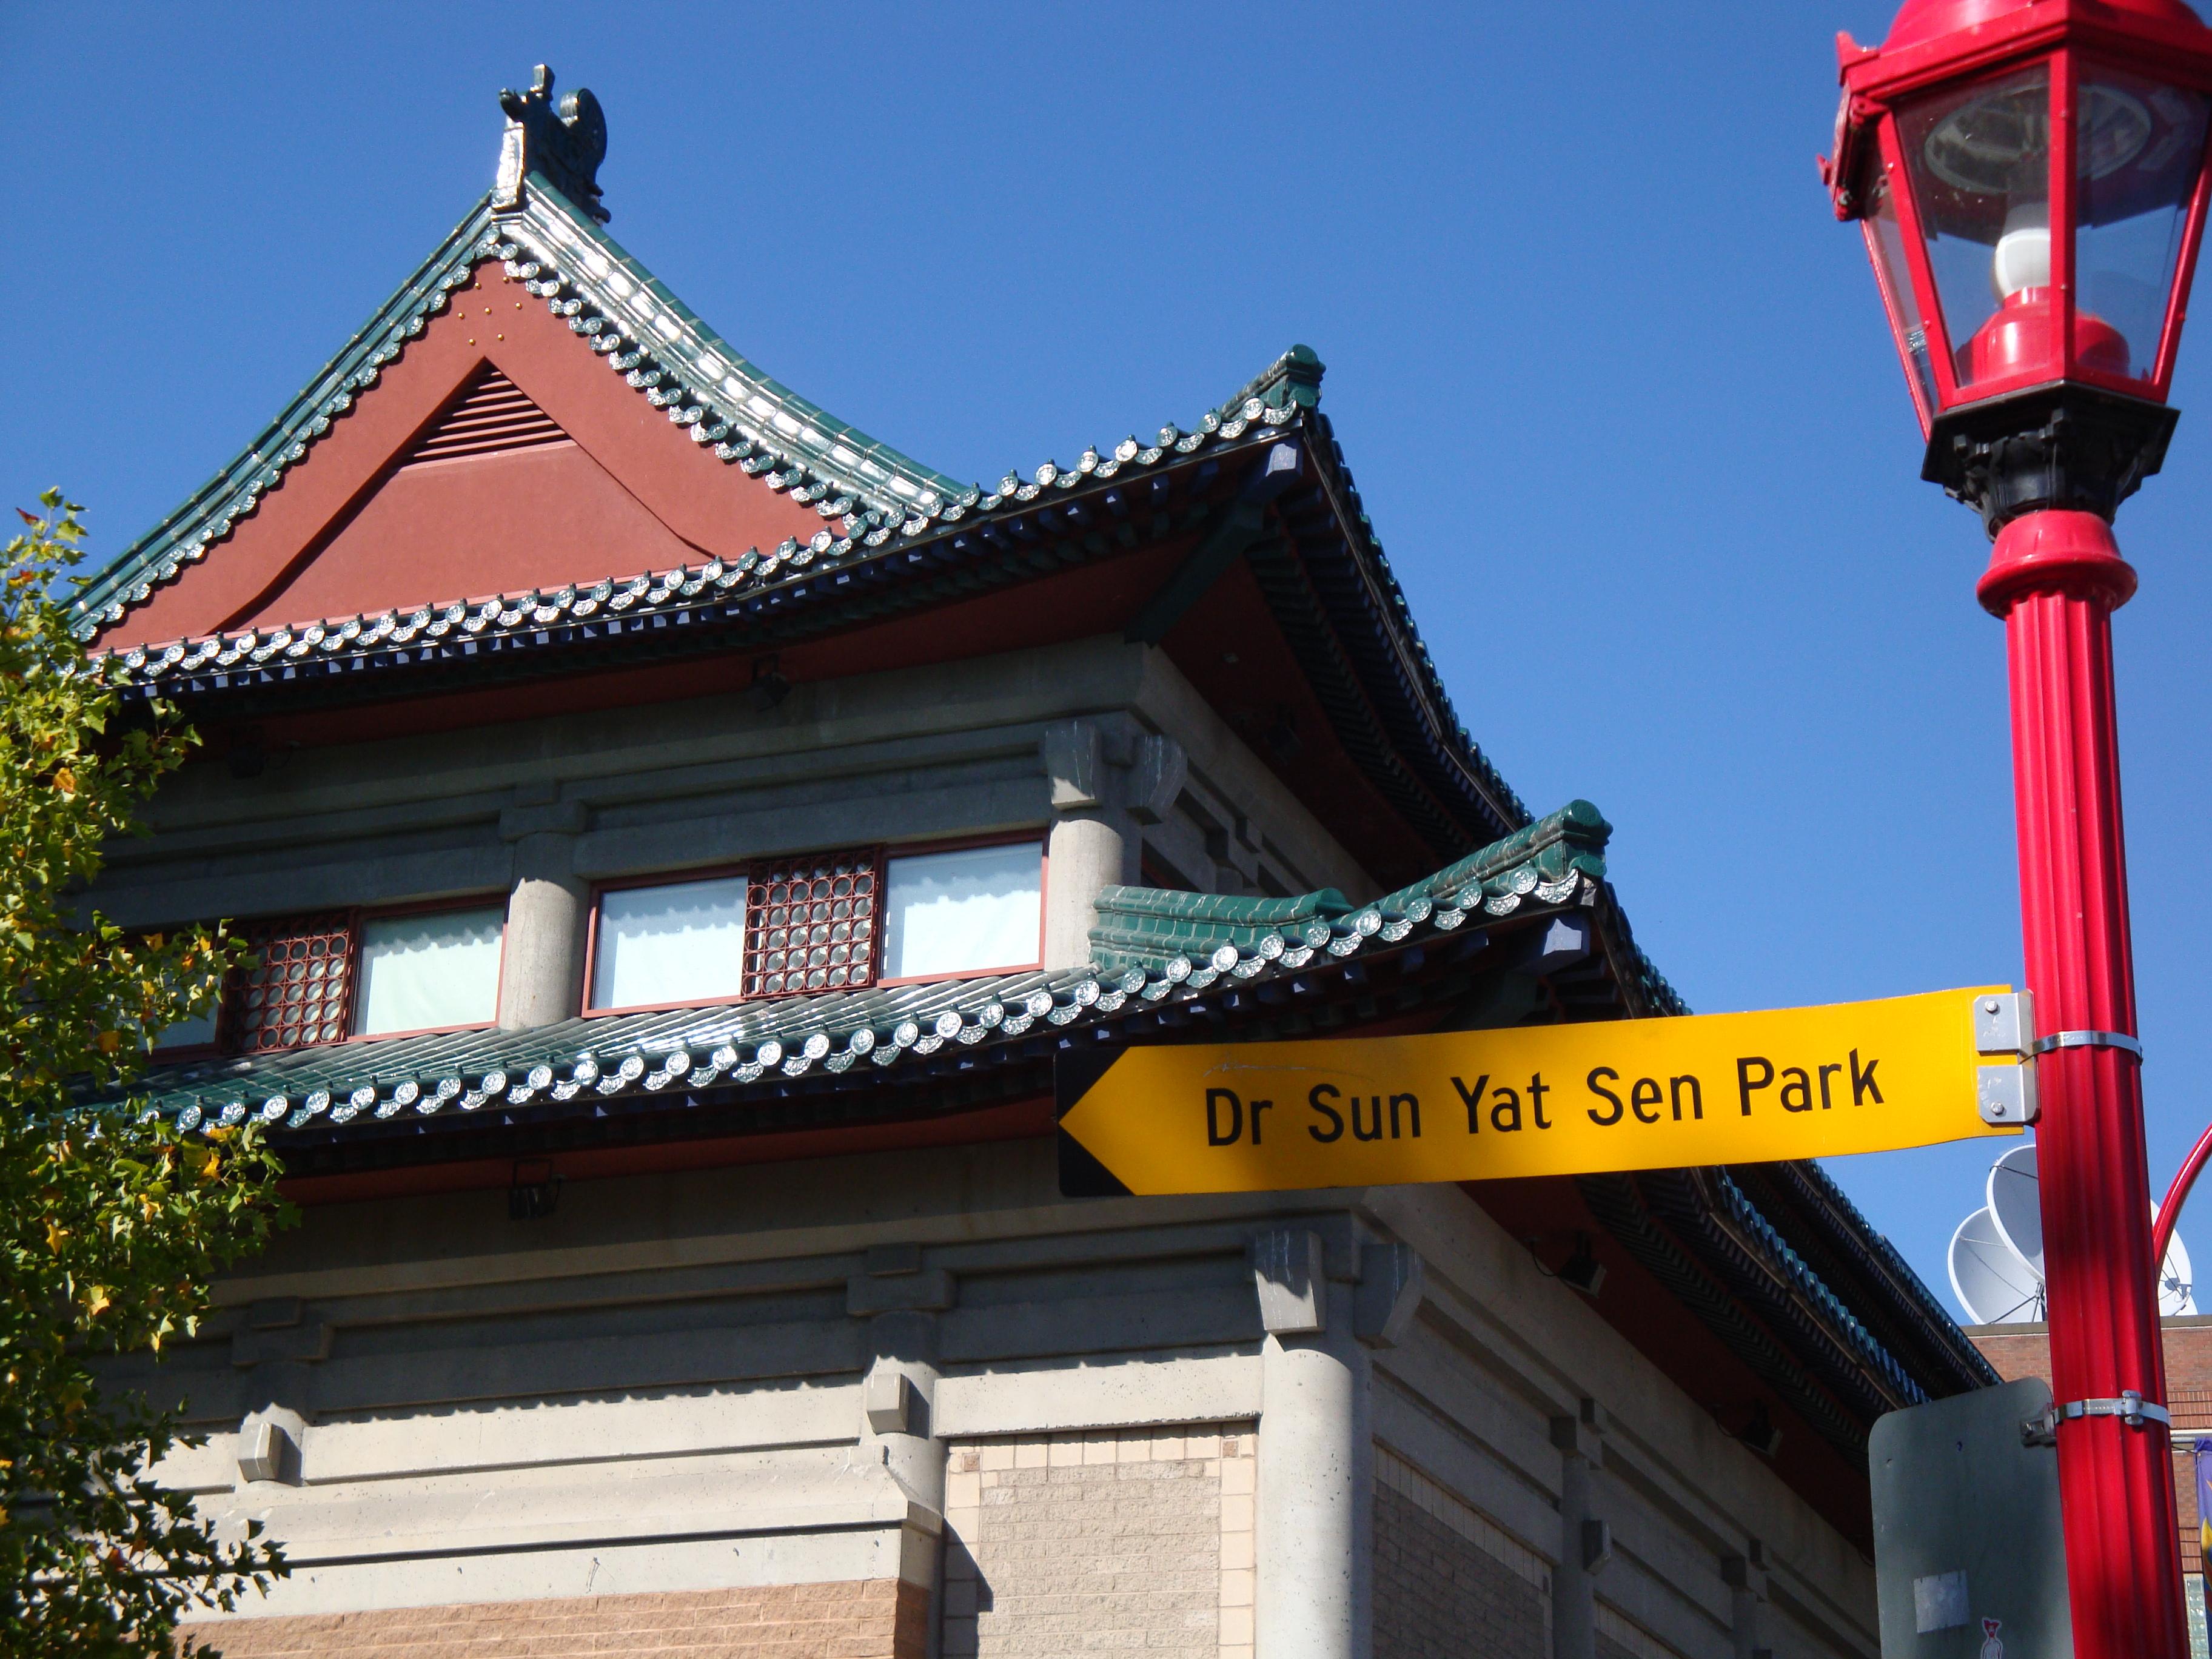 Building in front of Dr. Sun Yat-Sen Park